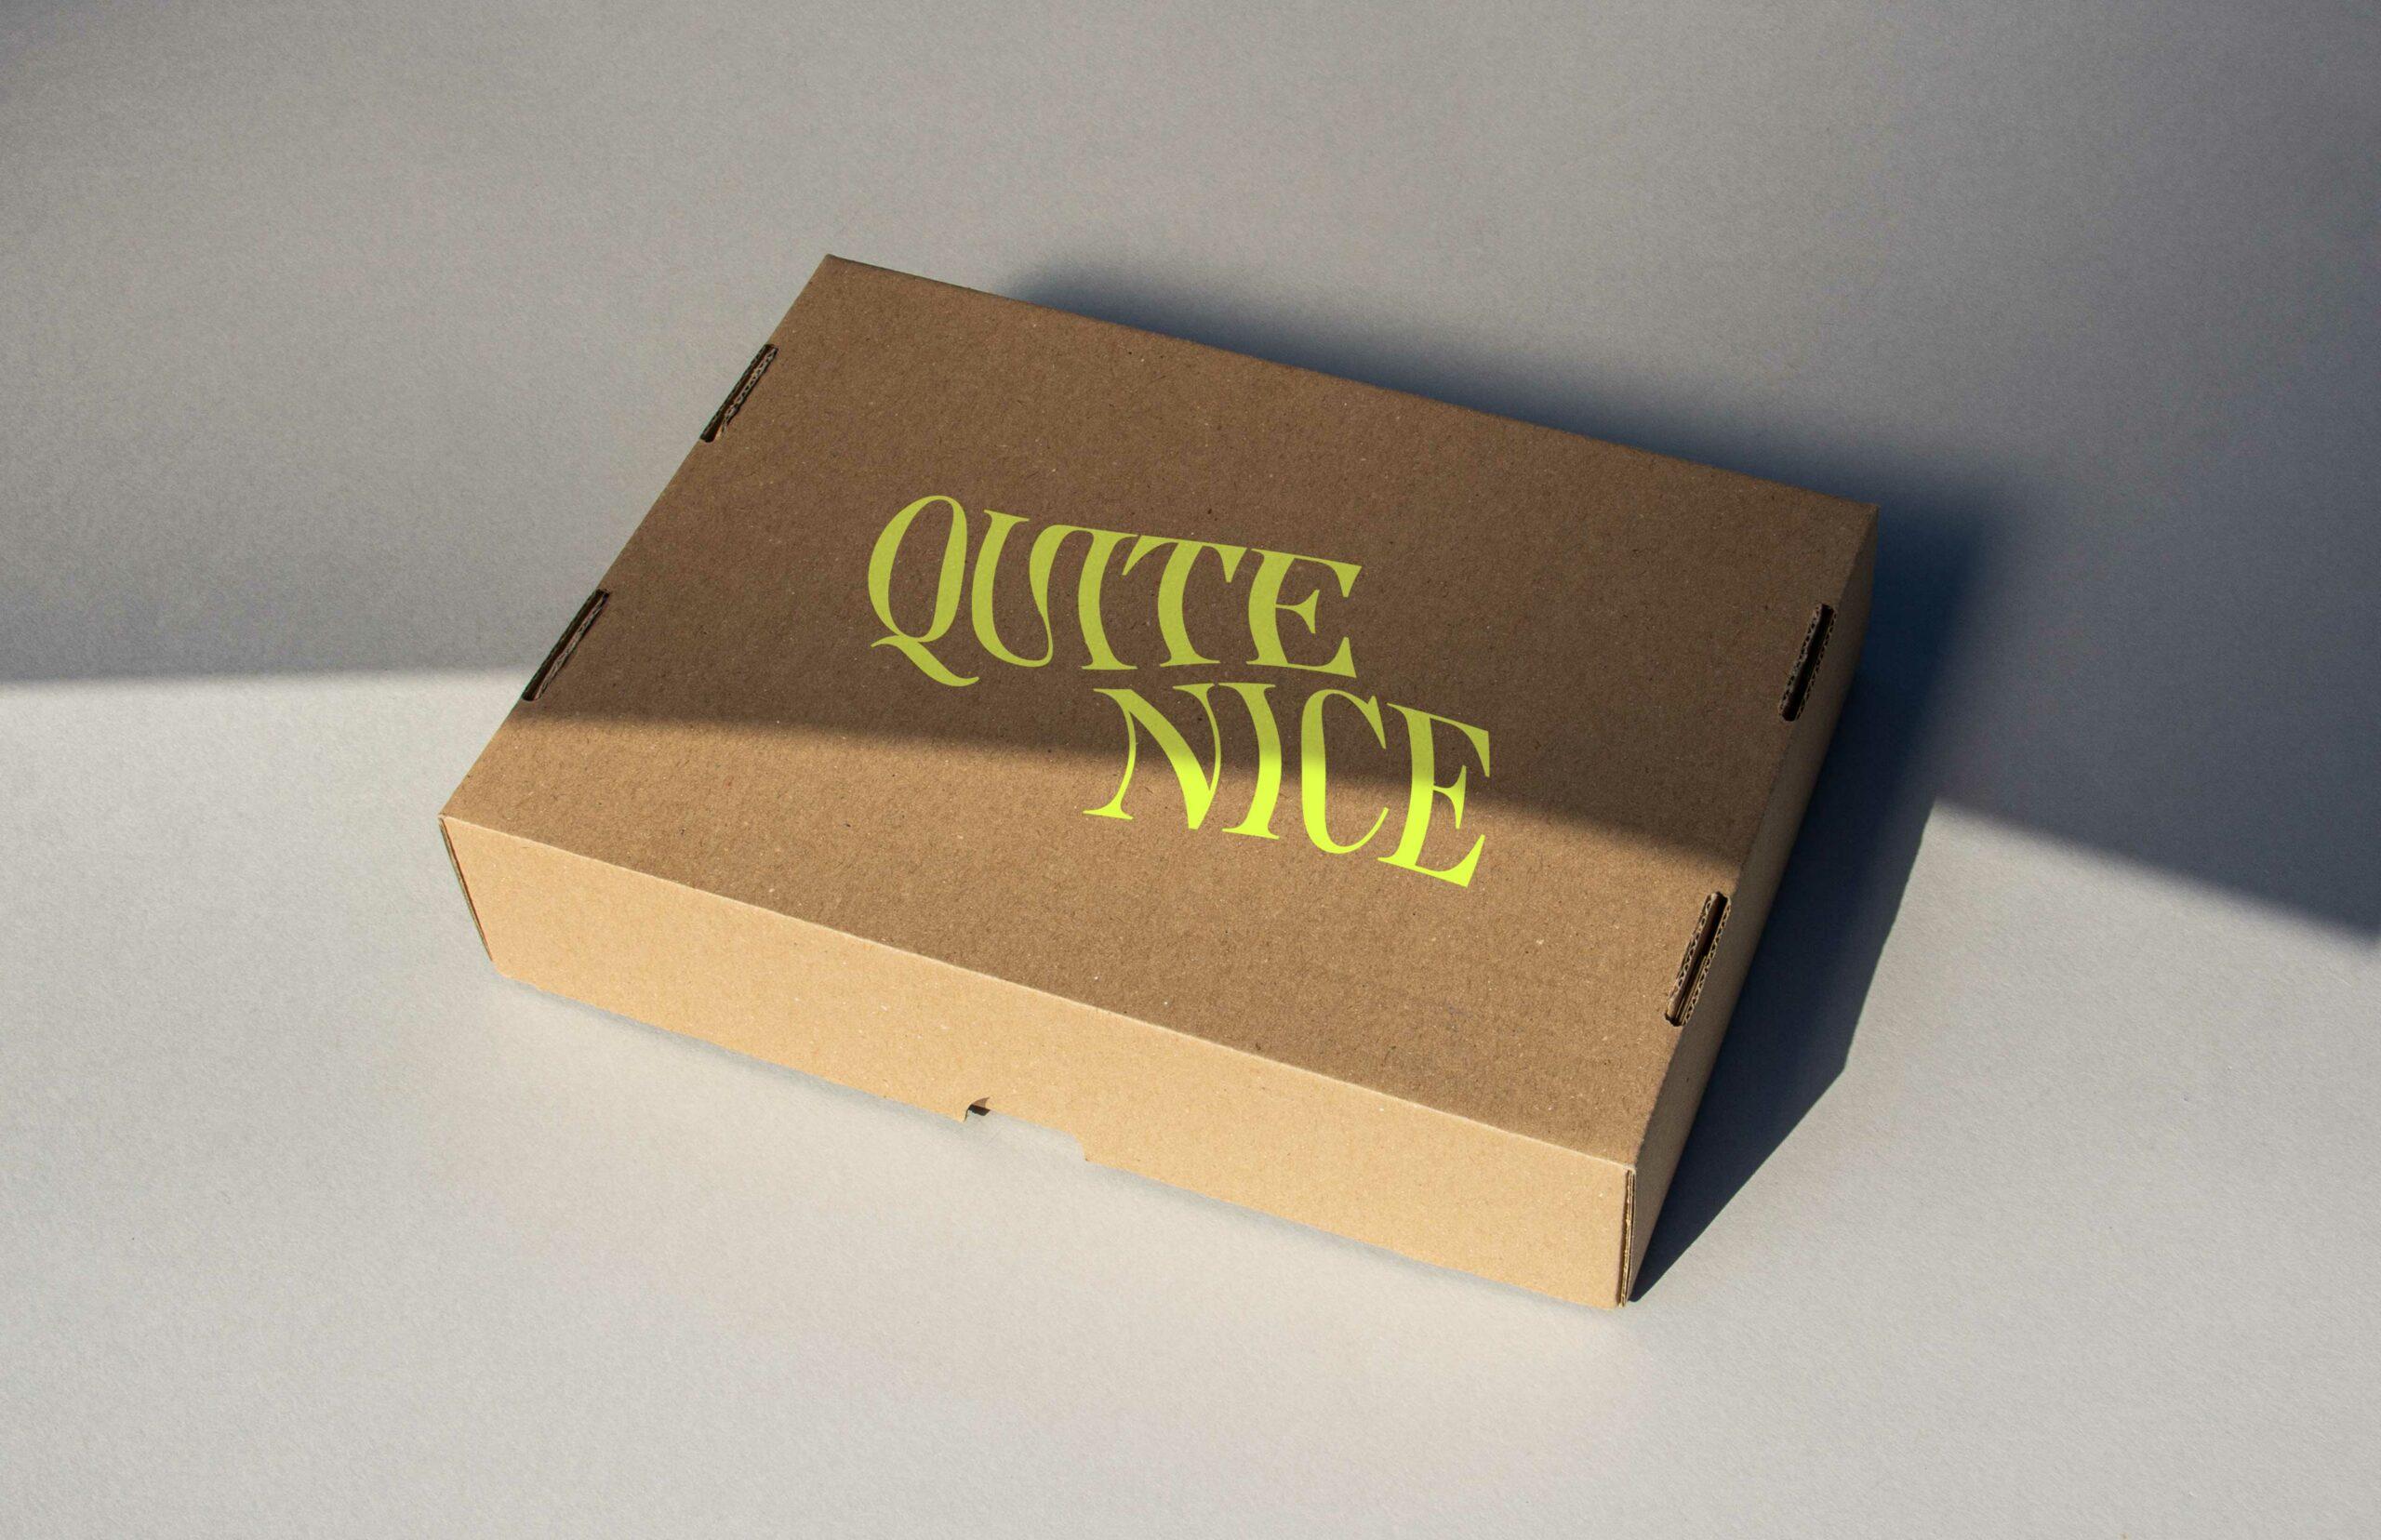 quitenicebox05